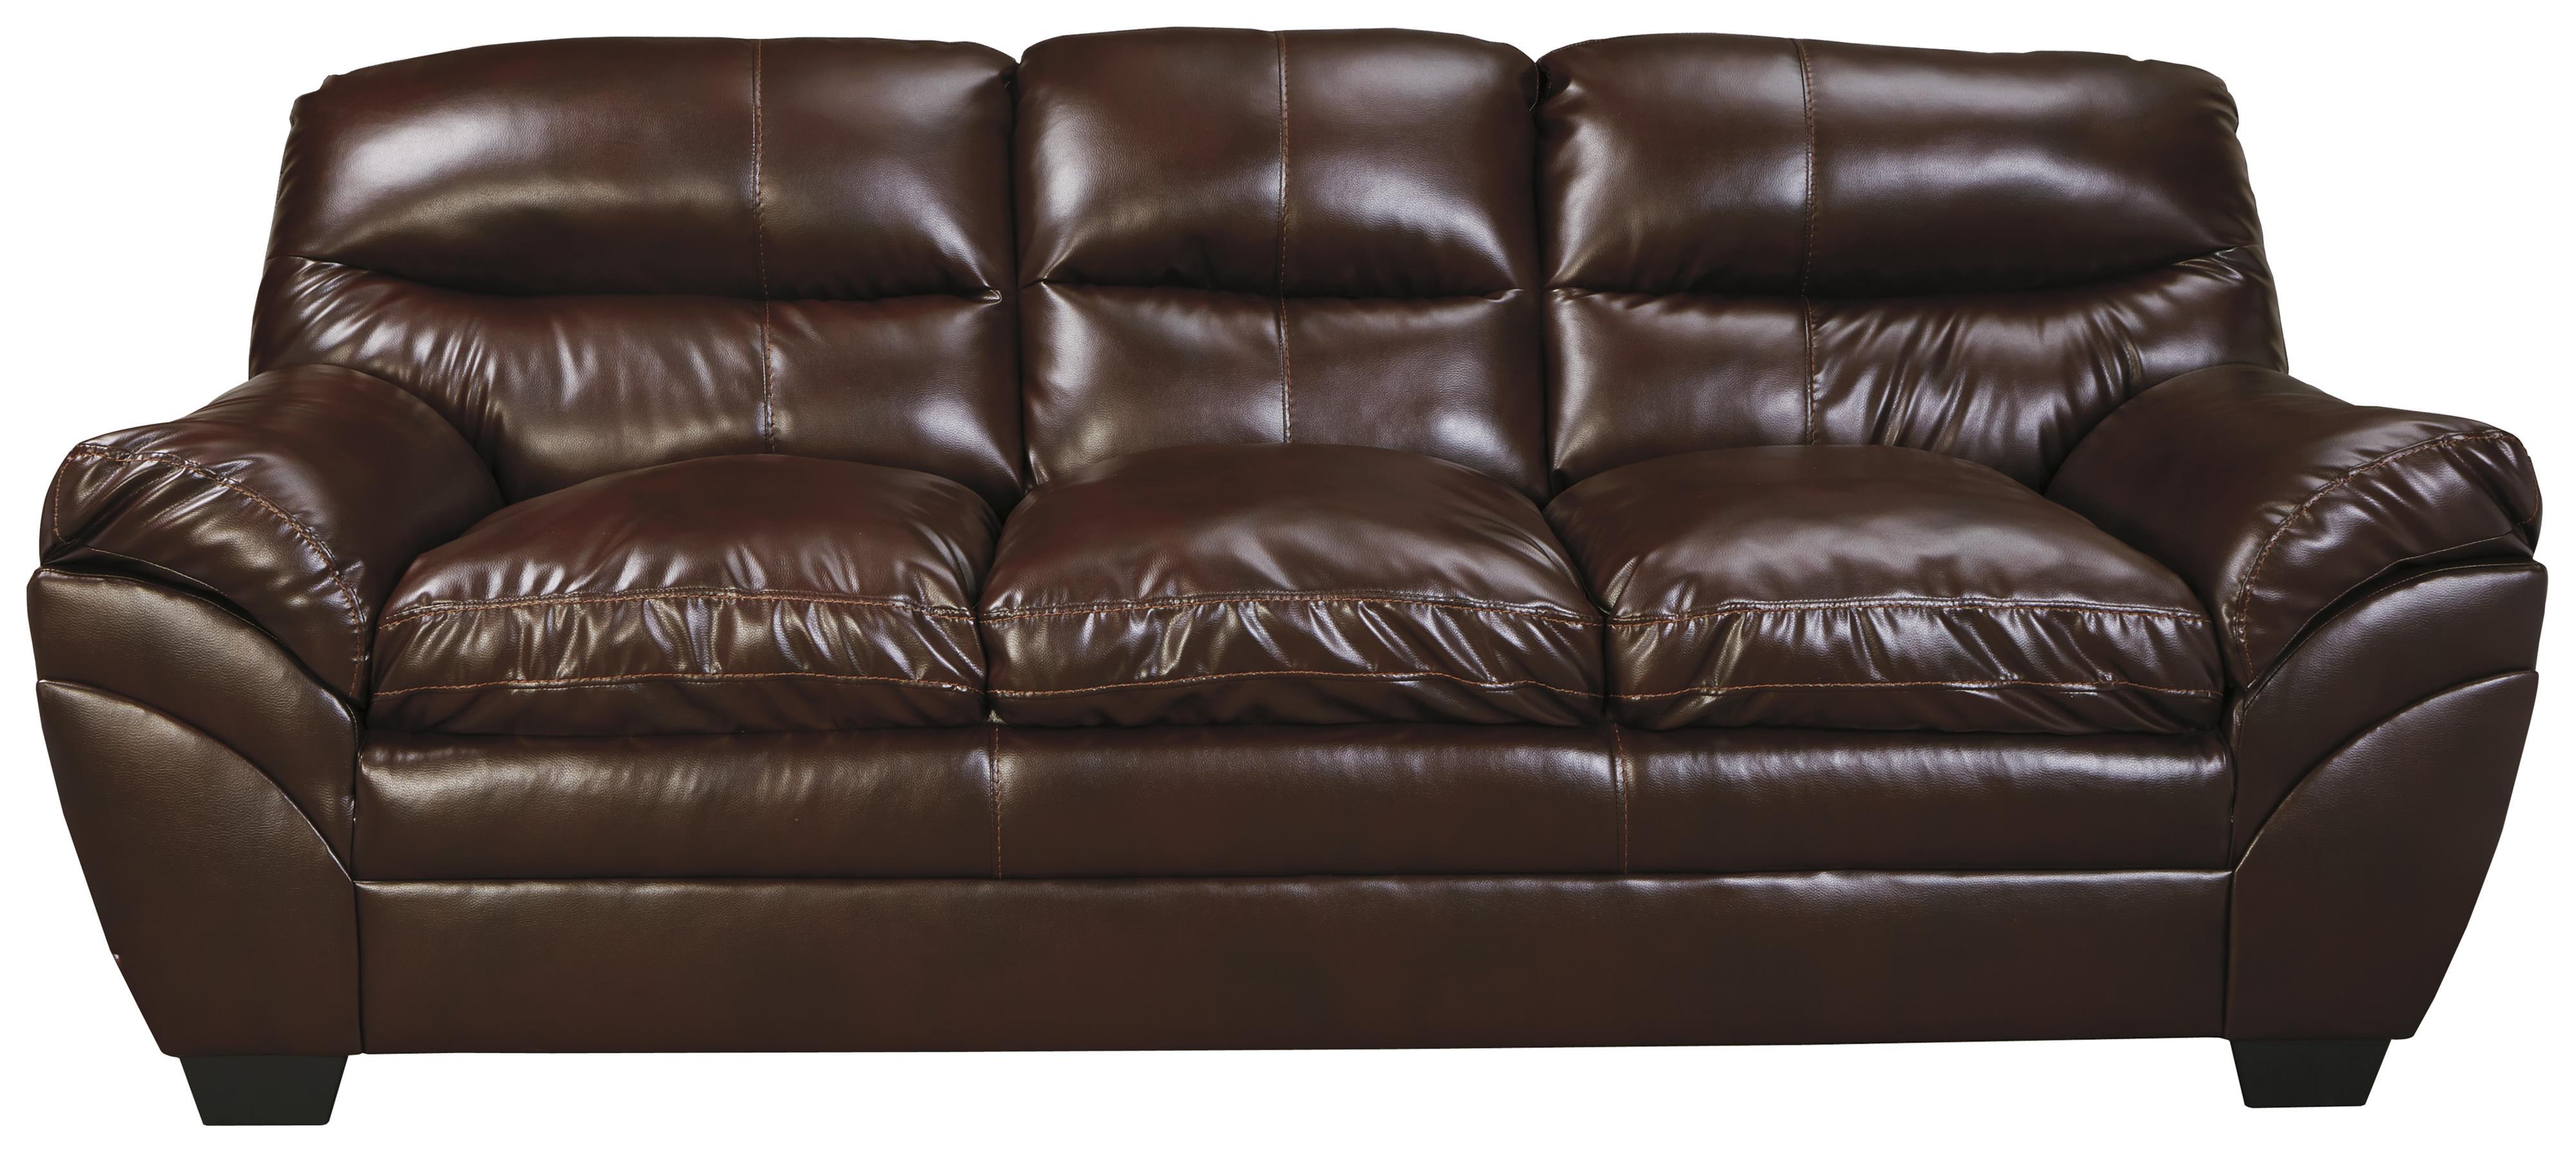 Signature Design by Ashley Tassler DuraBlend® Sofa - Item Number: 4650238